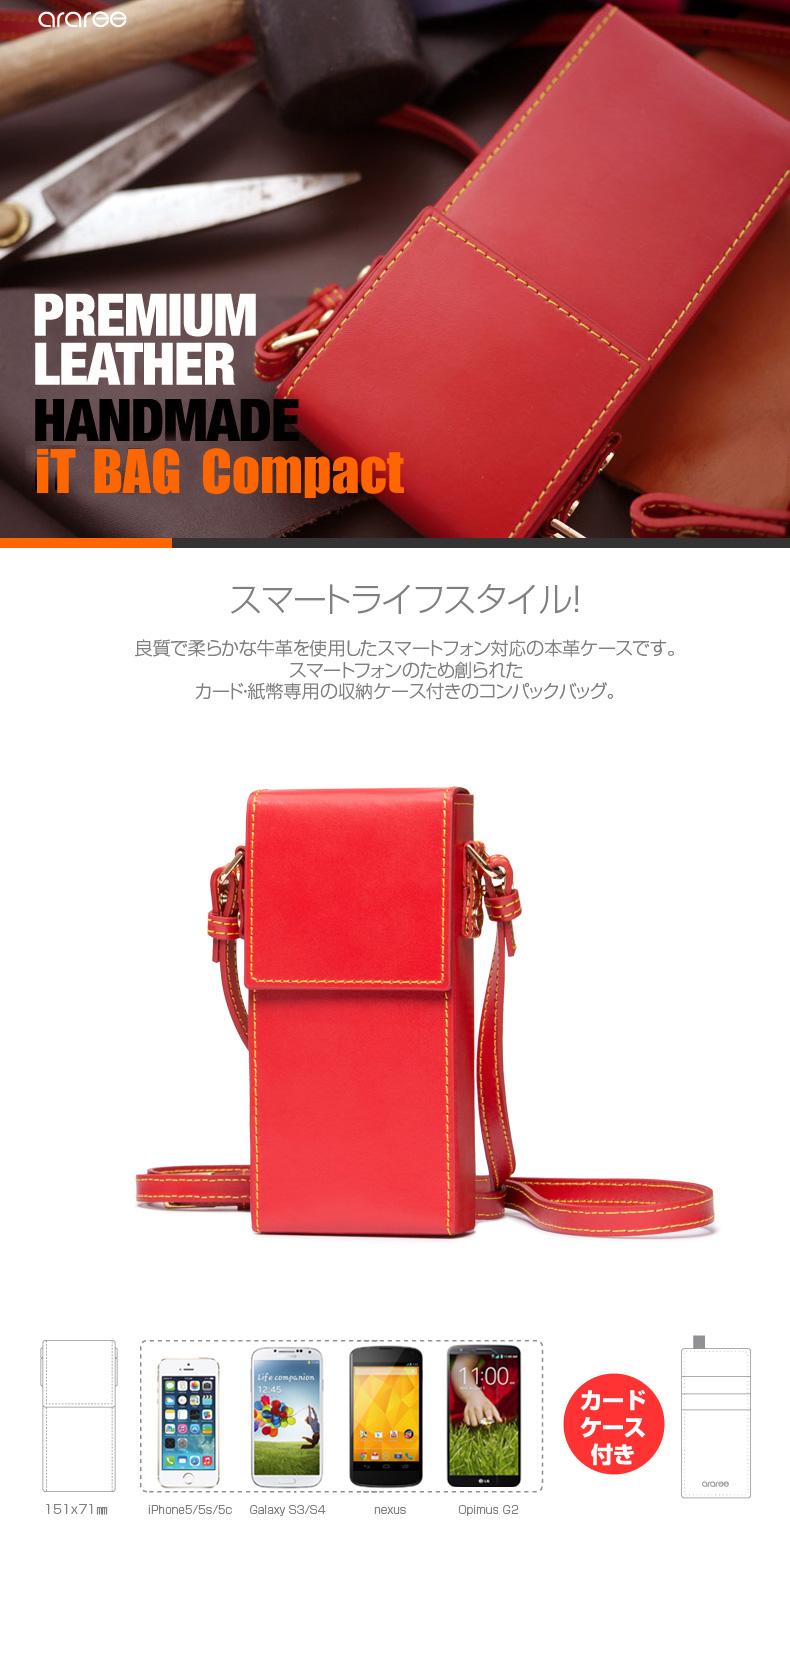 商品特徴 iPhone5/5s ケースiT-BAG Compact(アイティーバッグ コンパクト)※対応機種:iPhone5/5s, Galaxy S3/S4, nexus, Opimus G2